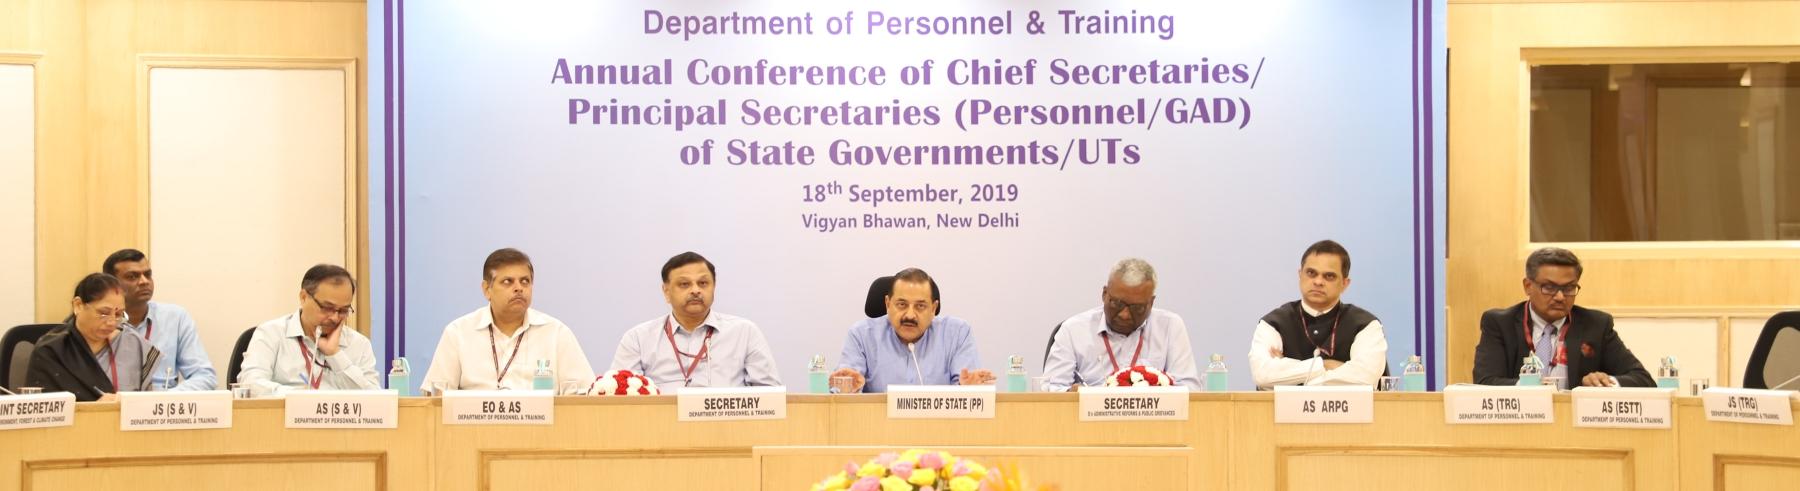 माननीय कार्मिक राज्यमंत्री की अध्यक्षता में राज्य सरकारों / केंद्रशासित प्रदेशों के मुख्य सचिवों के वार्षिक सम्मलेन का आयोजन